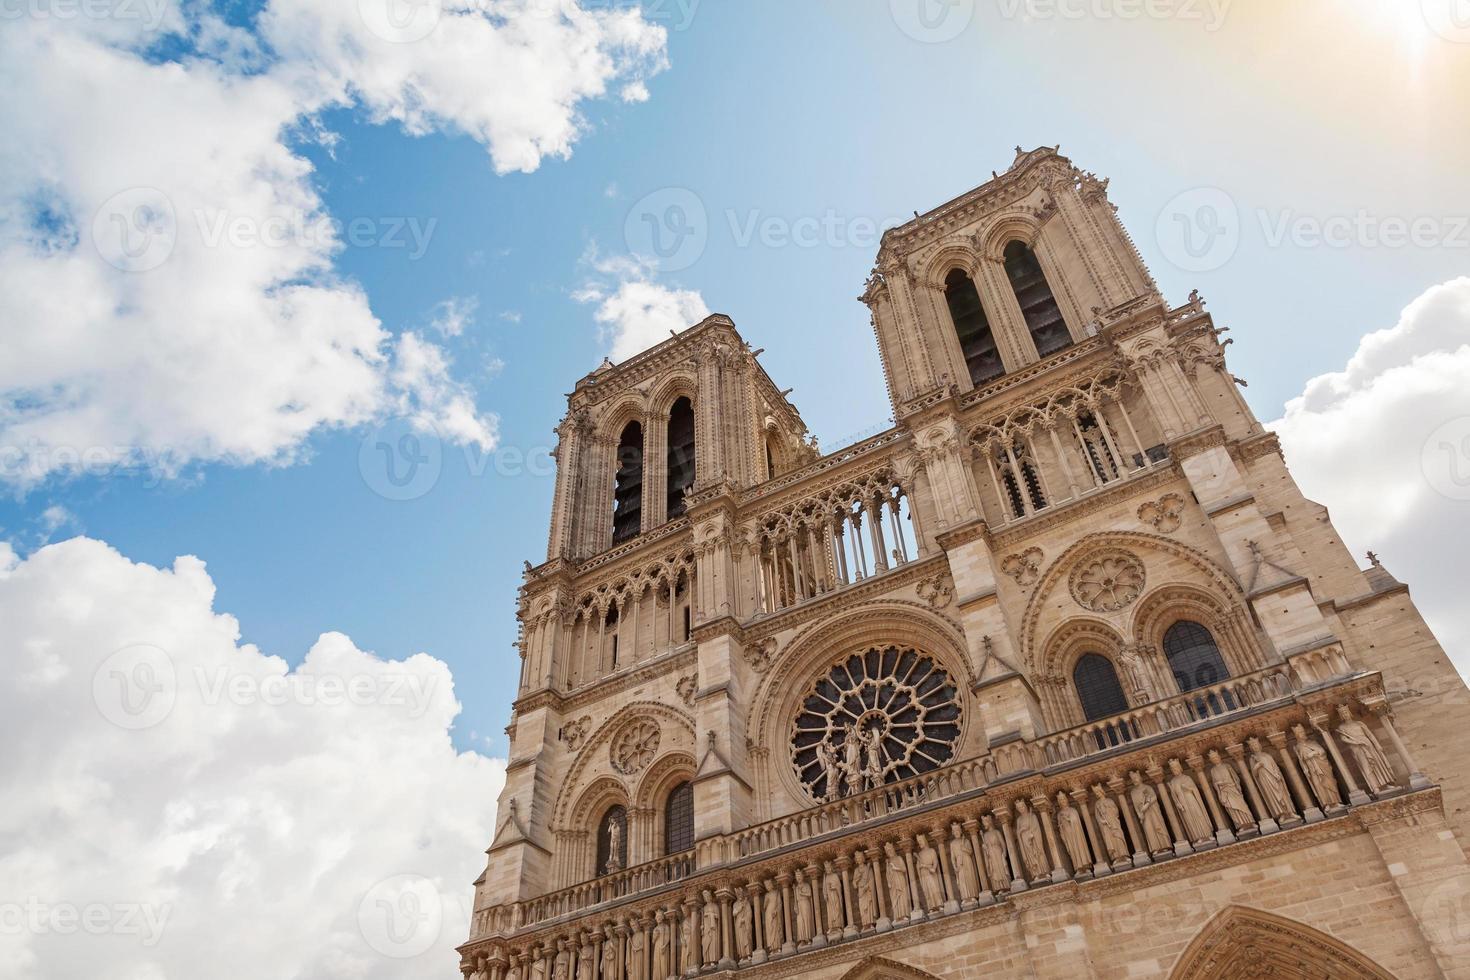 facciata della cattedrale di notre dame de paris, francia foto